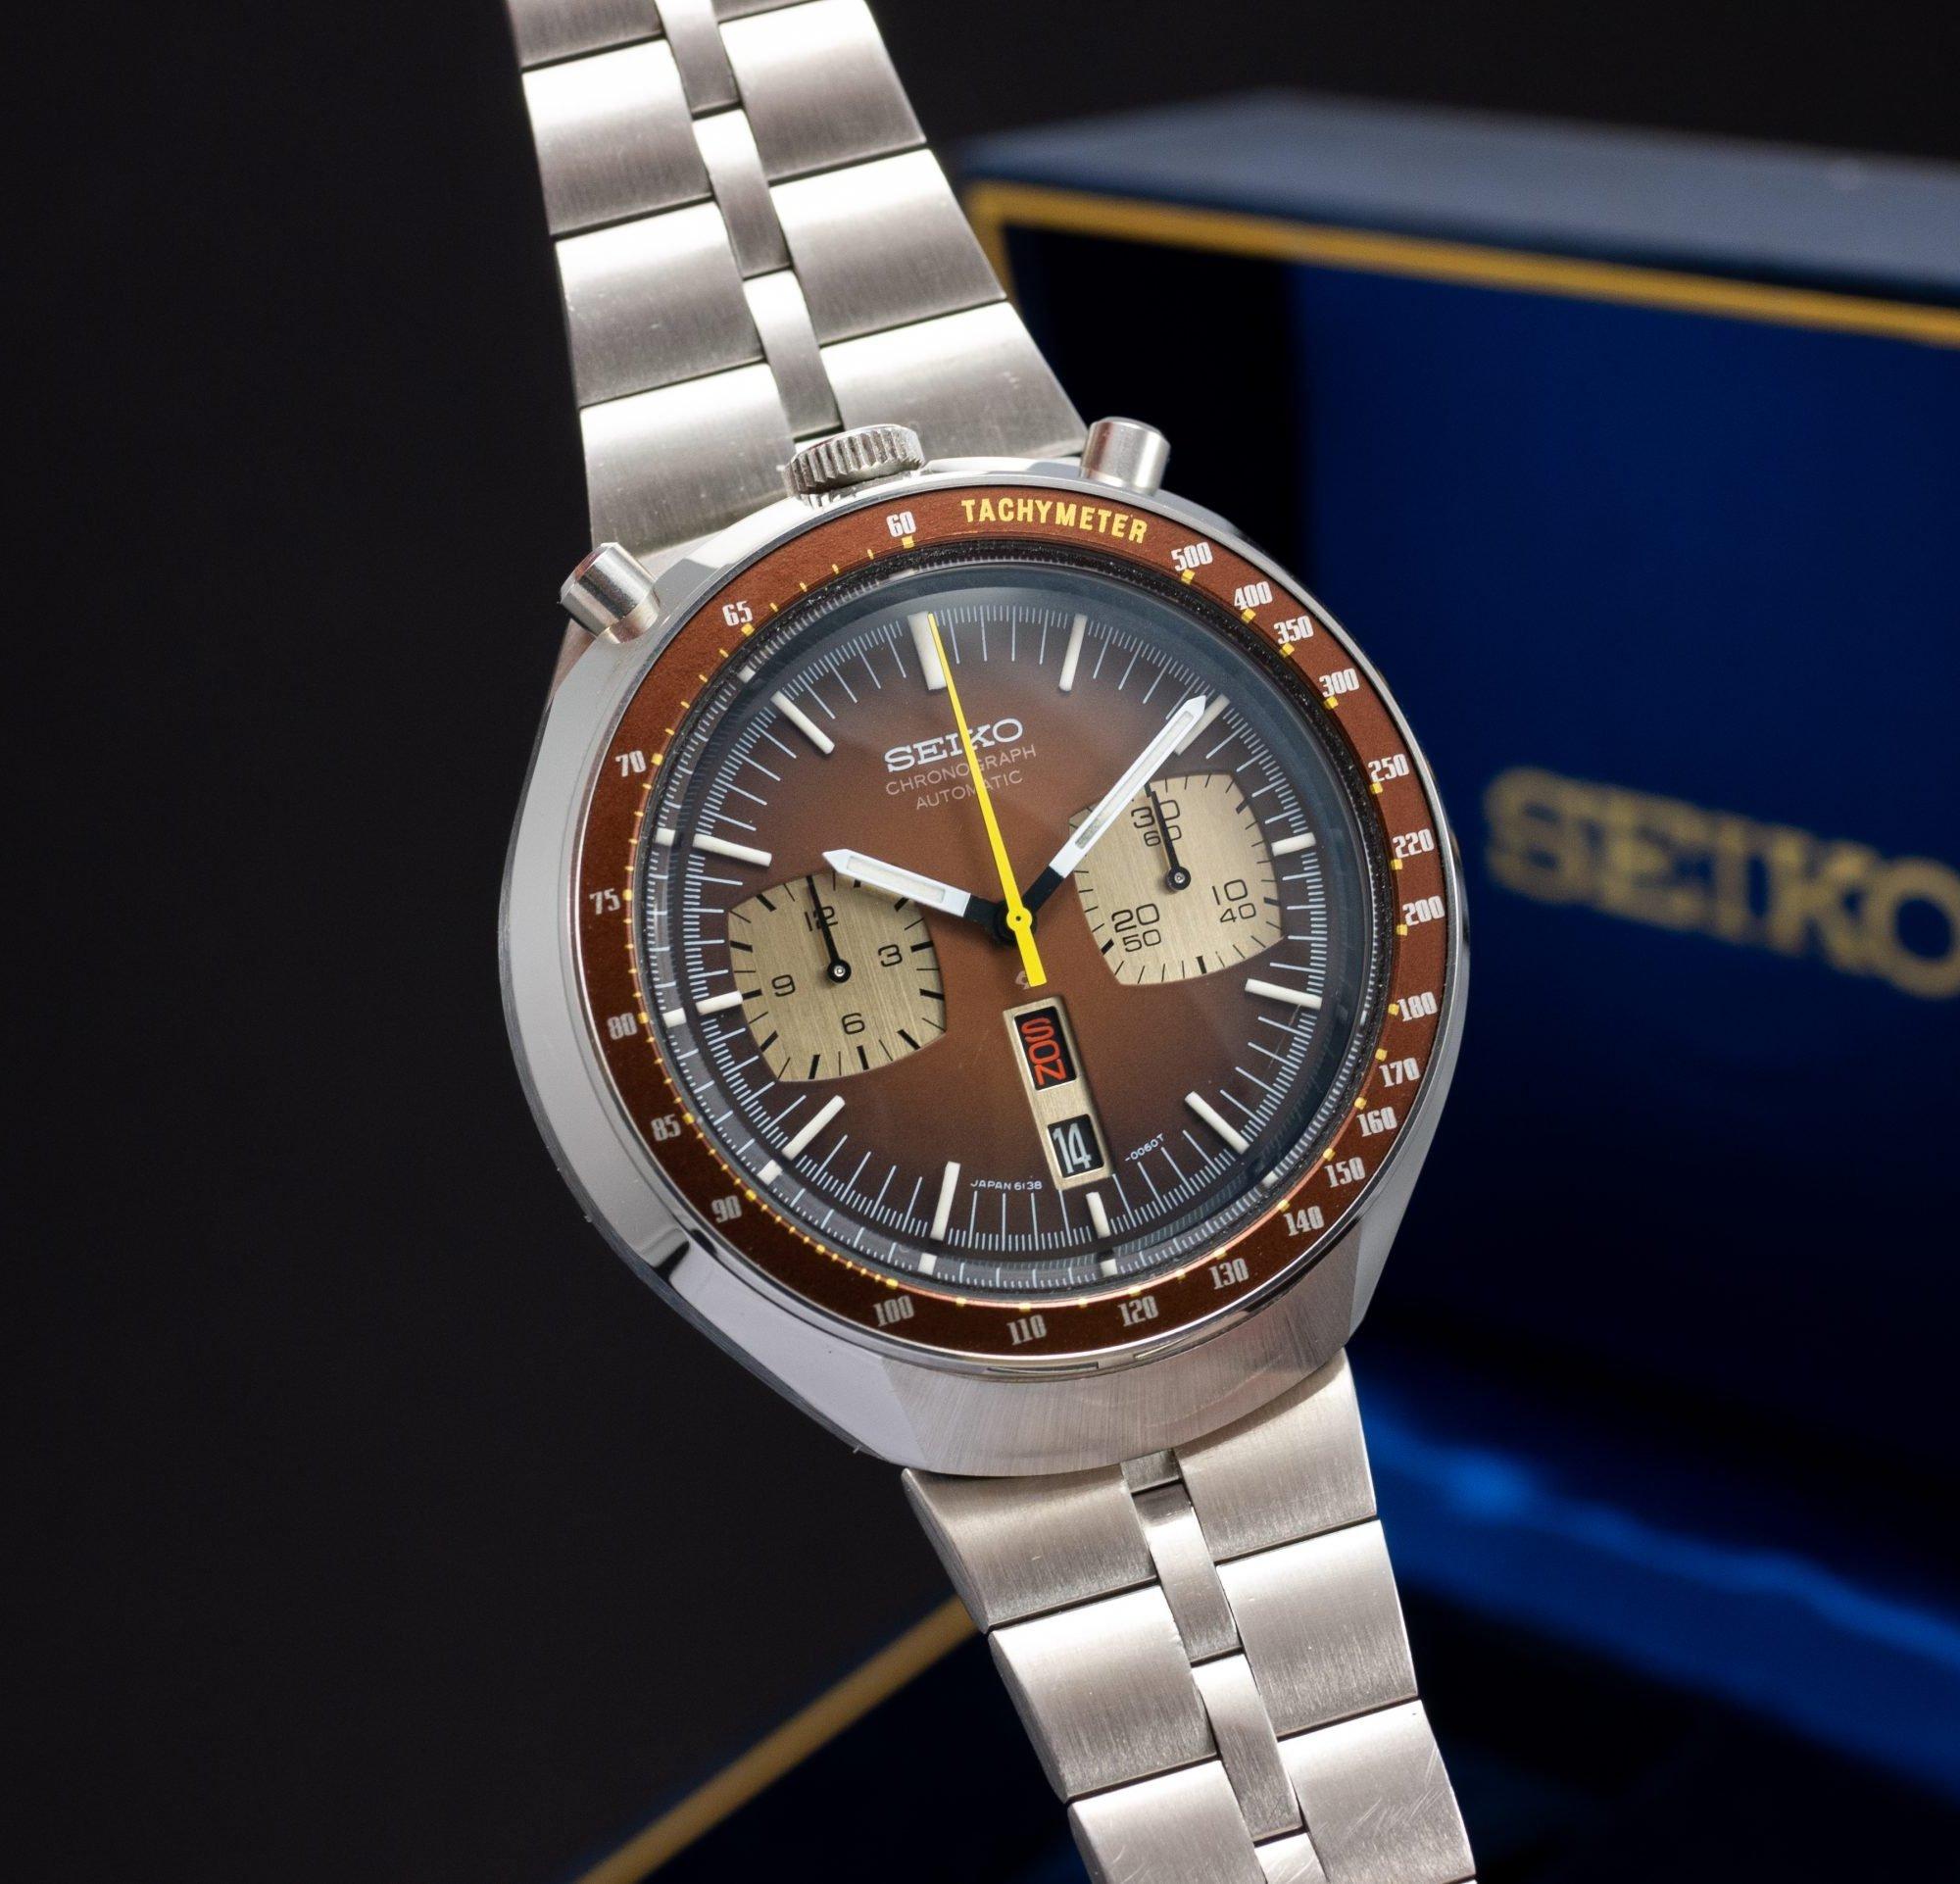 NOS vintage Seiko Bullhead Chronograph 6138-0040